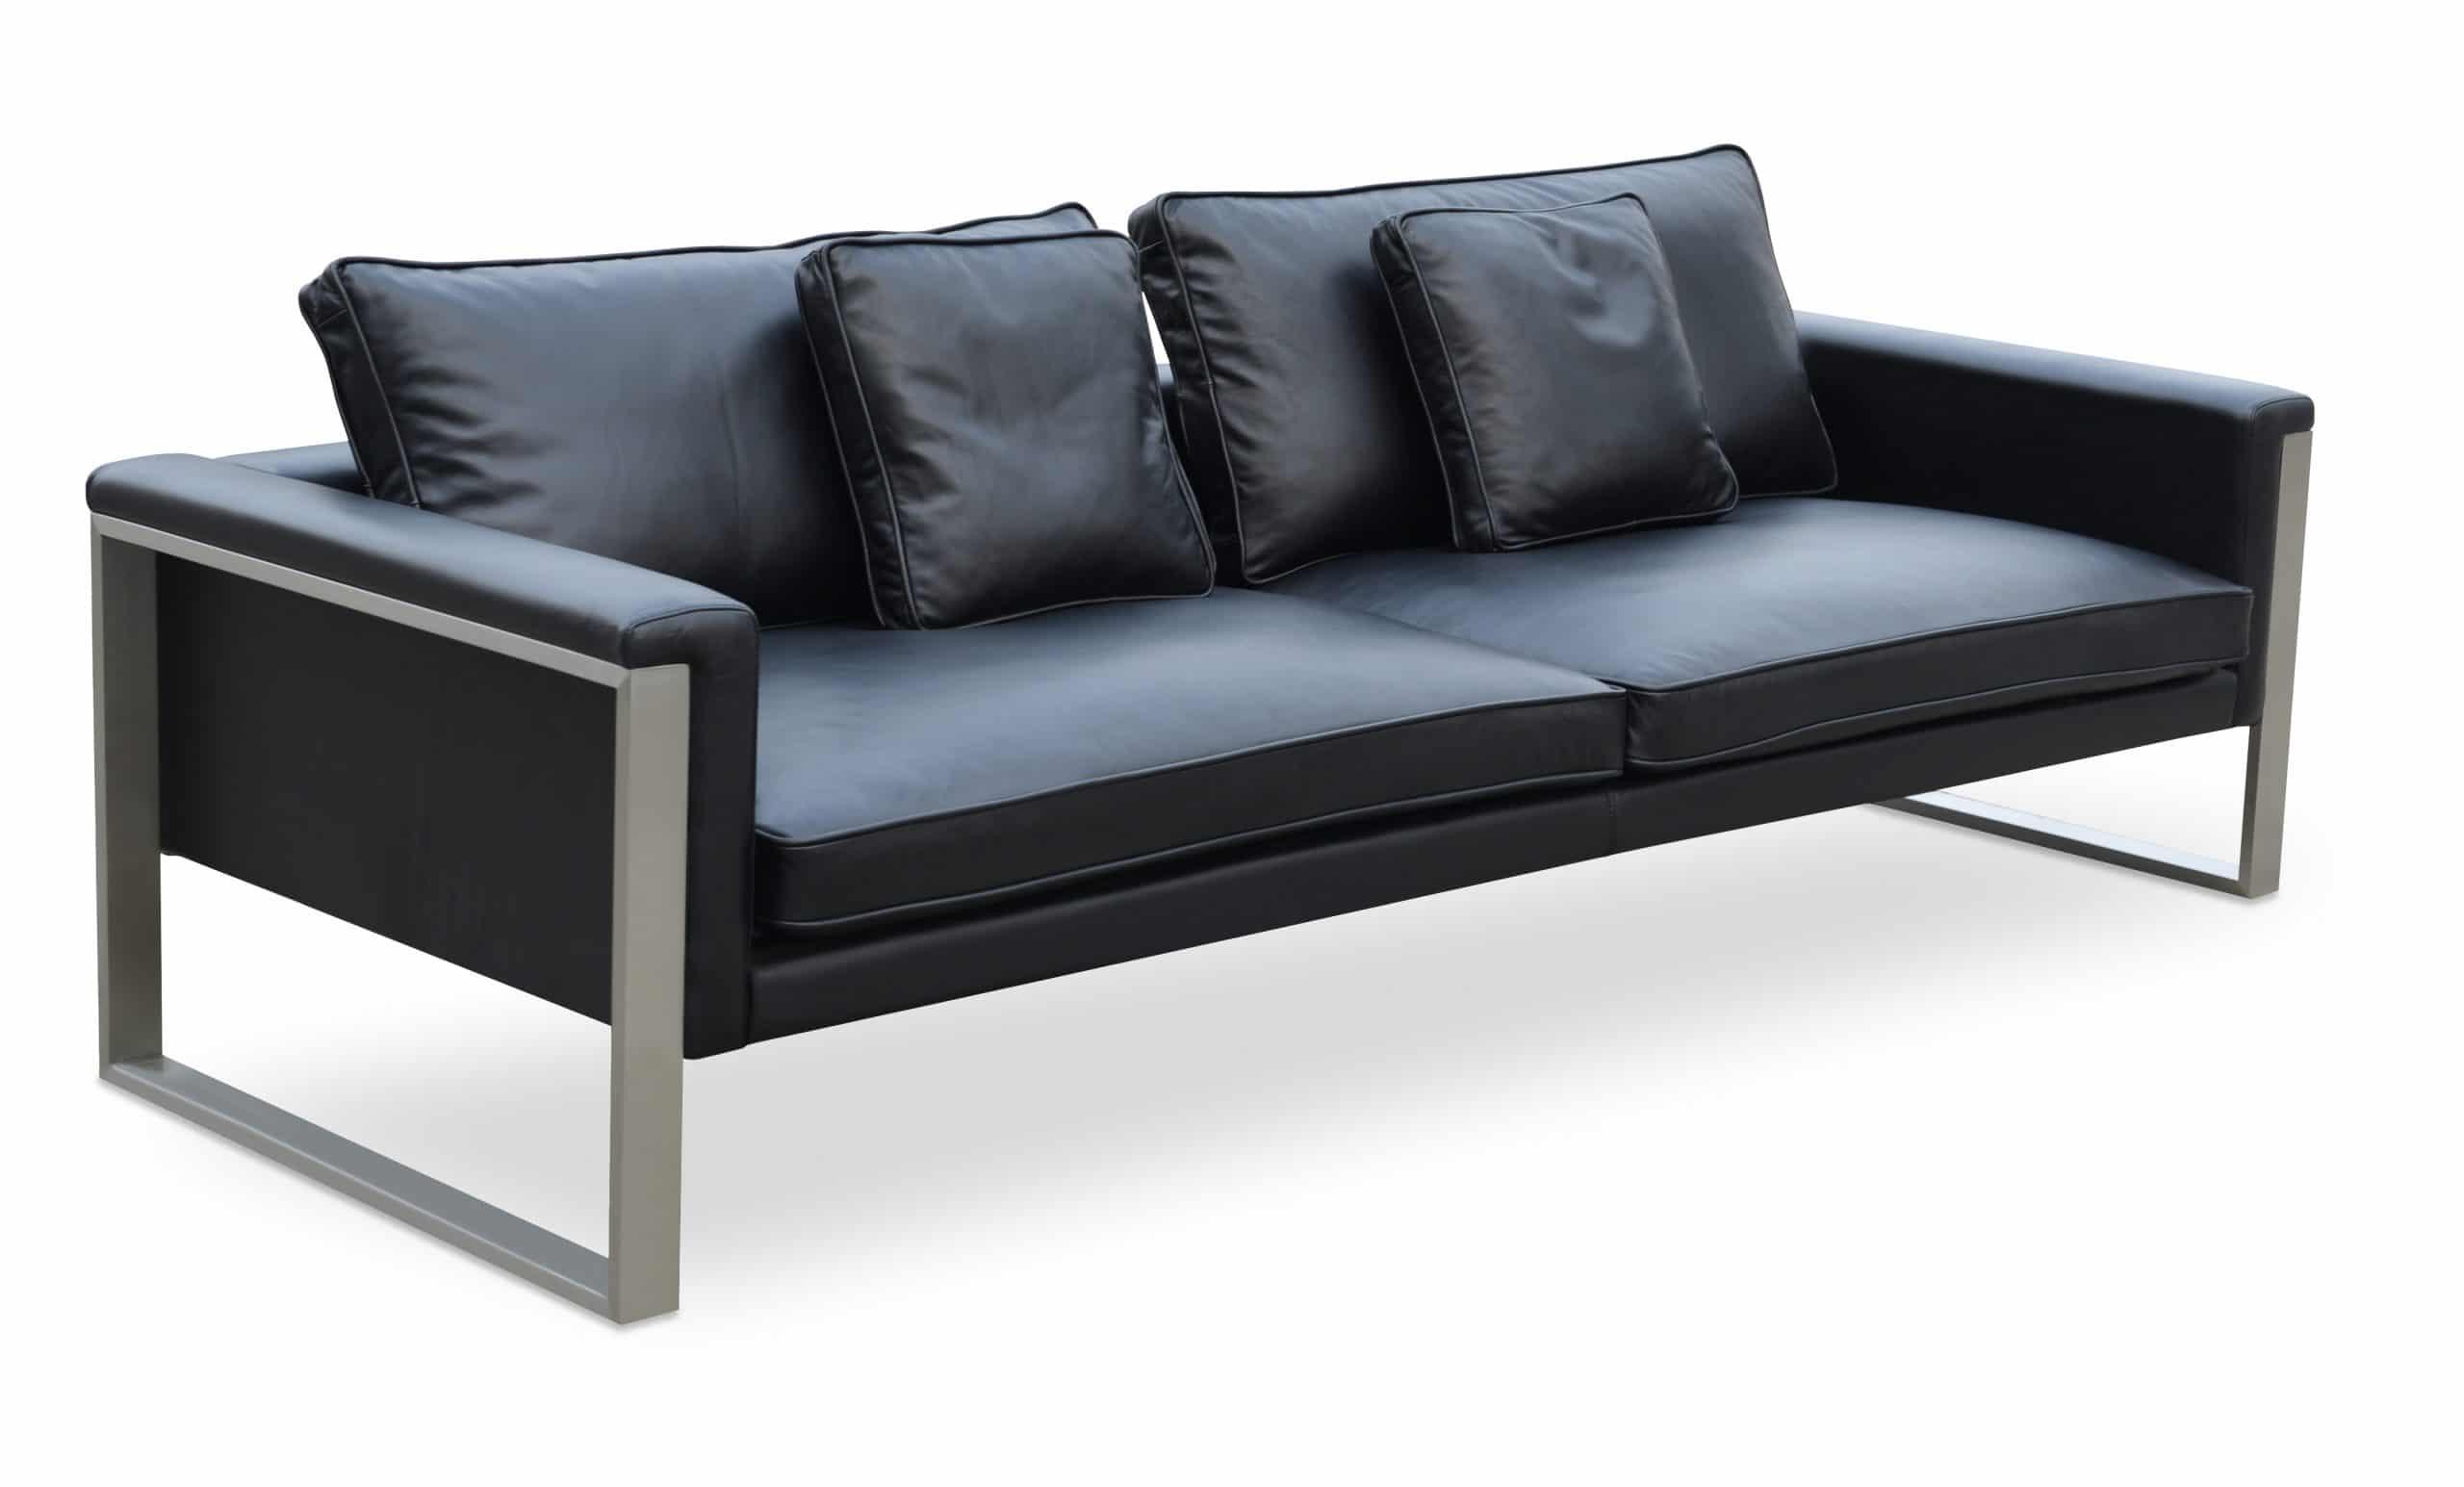 Boston Sofa Black Leather